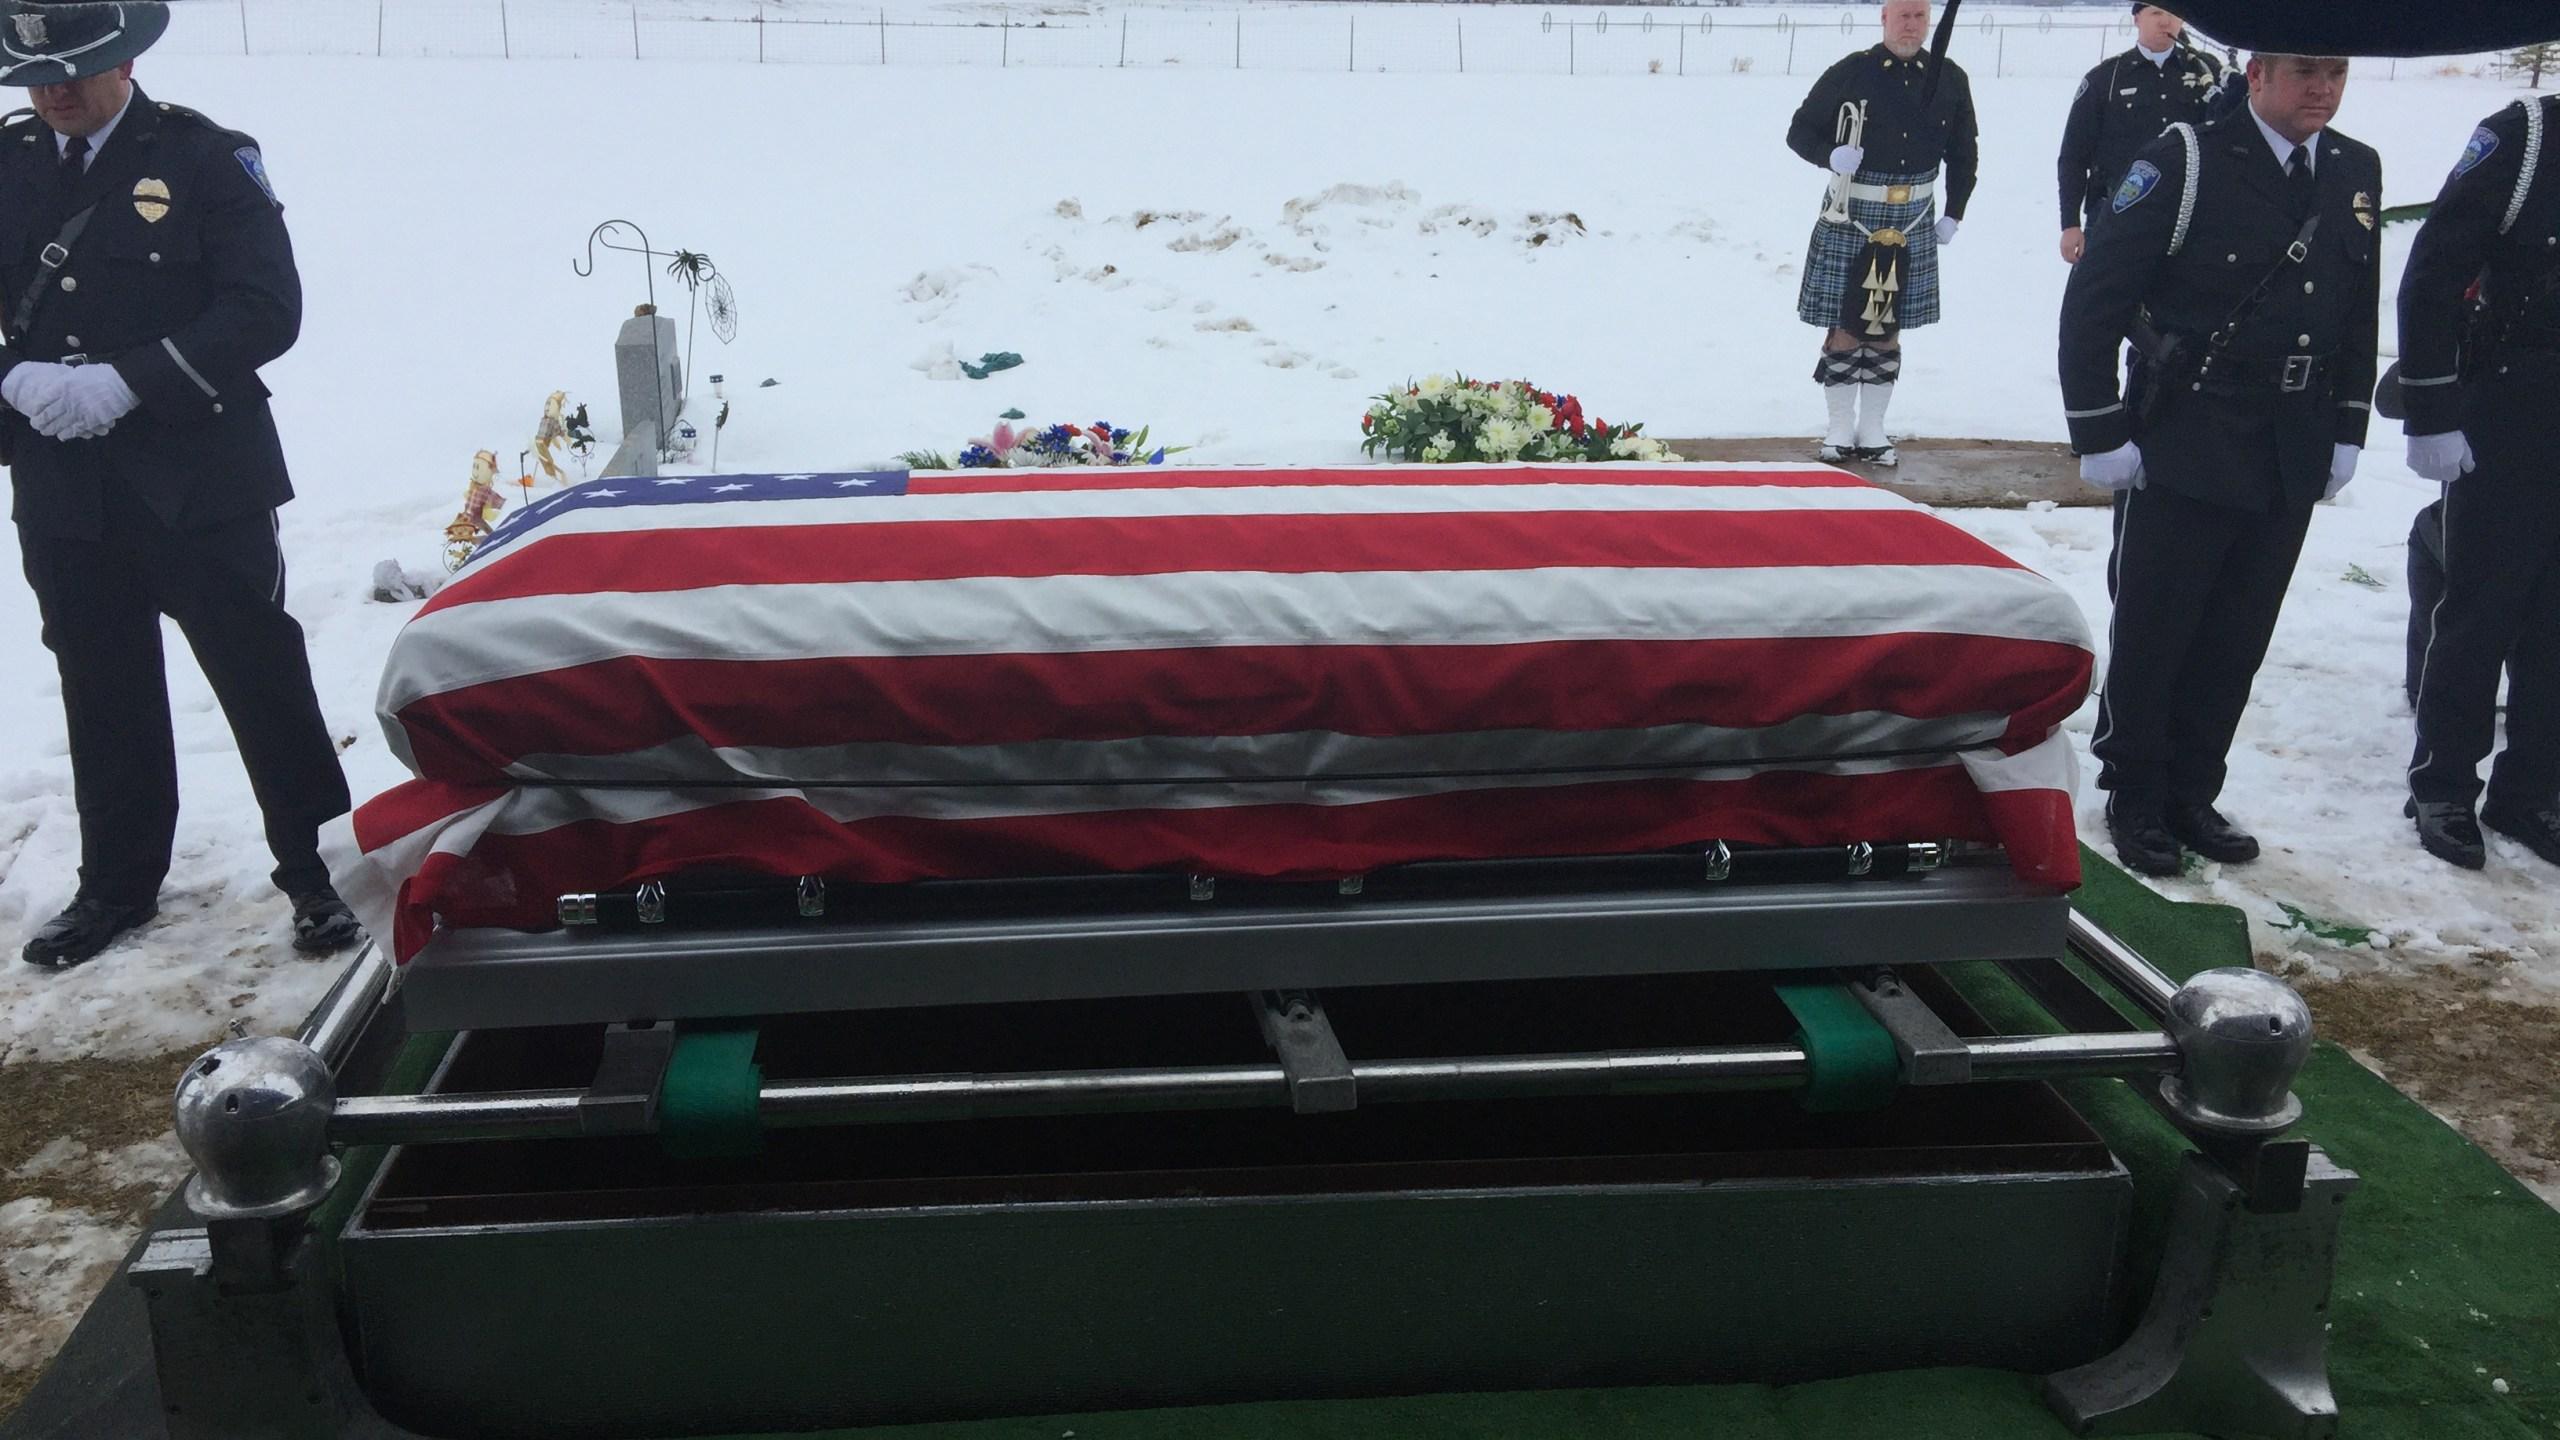 Funeral 5 (6)_1481502329293.JPG